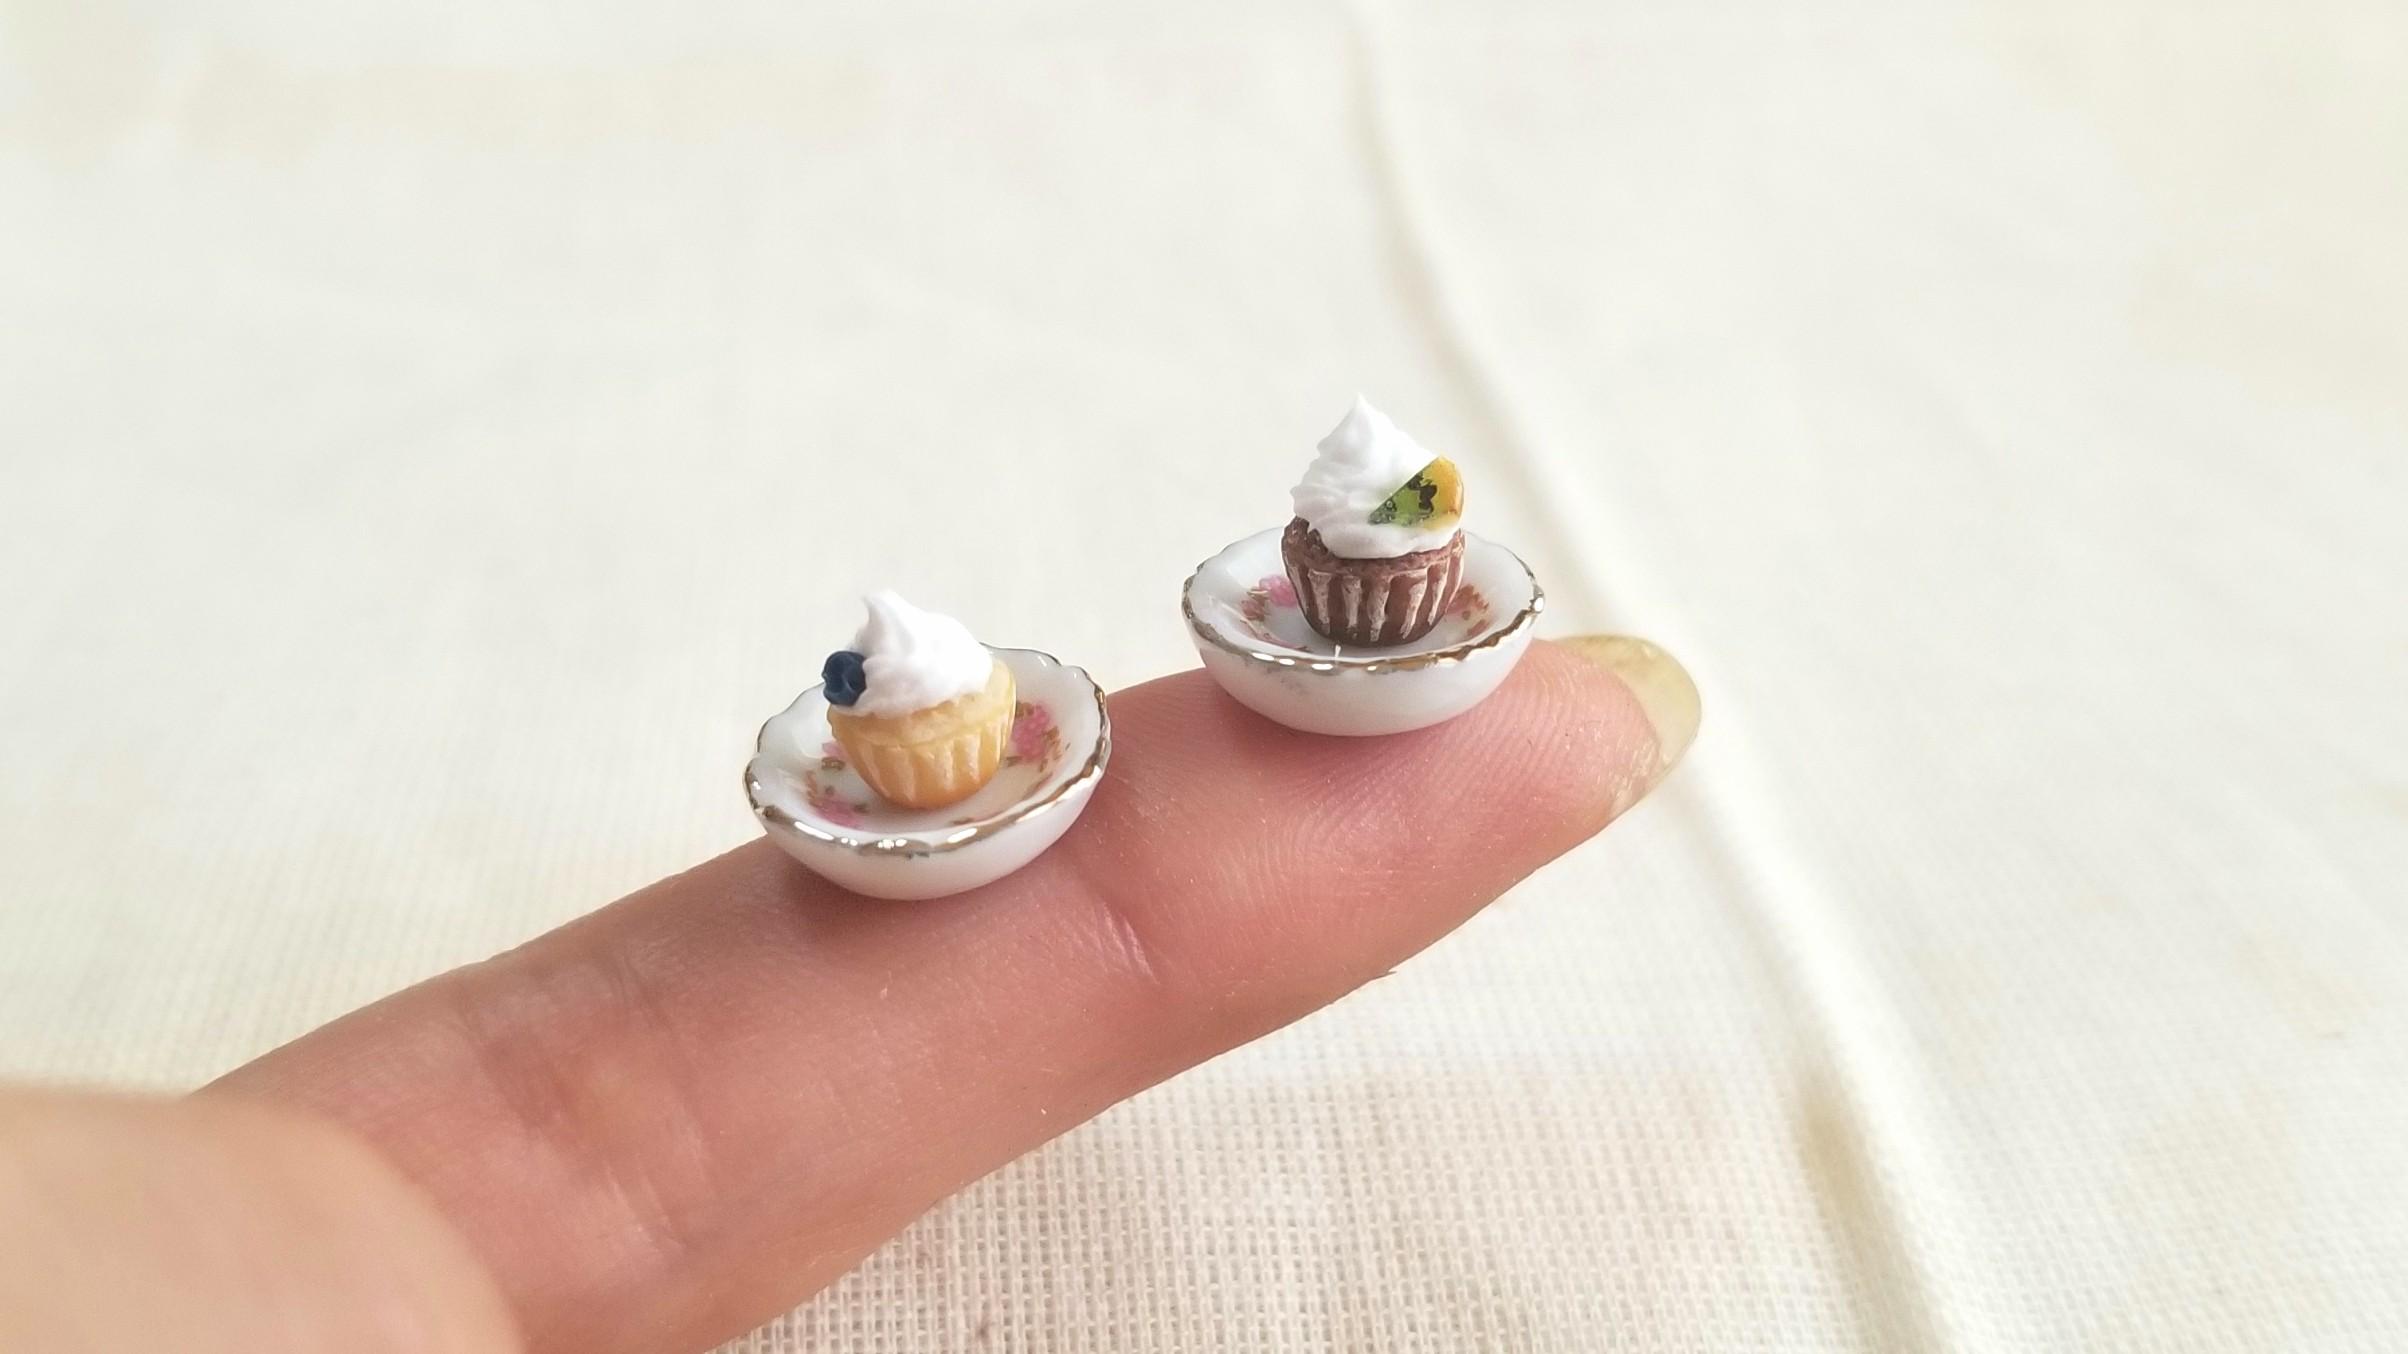 ミニチュアフード,小さい,可愛い,カップケーキ,樹脂粘土,フェイク